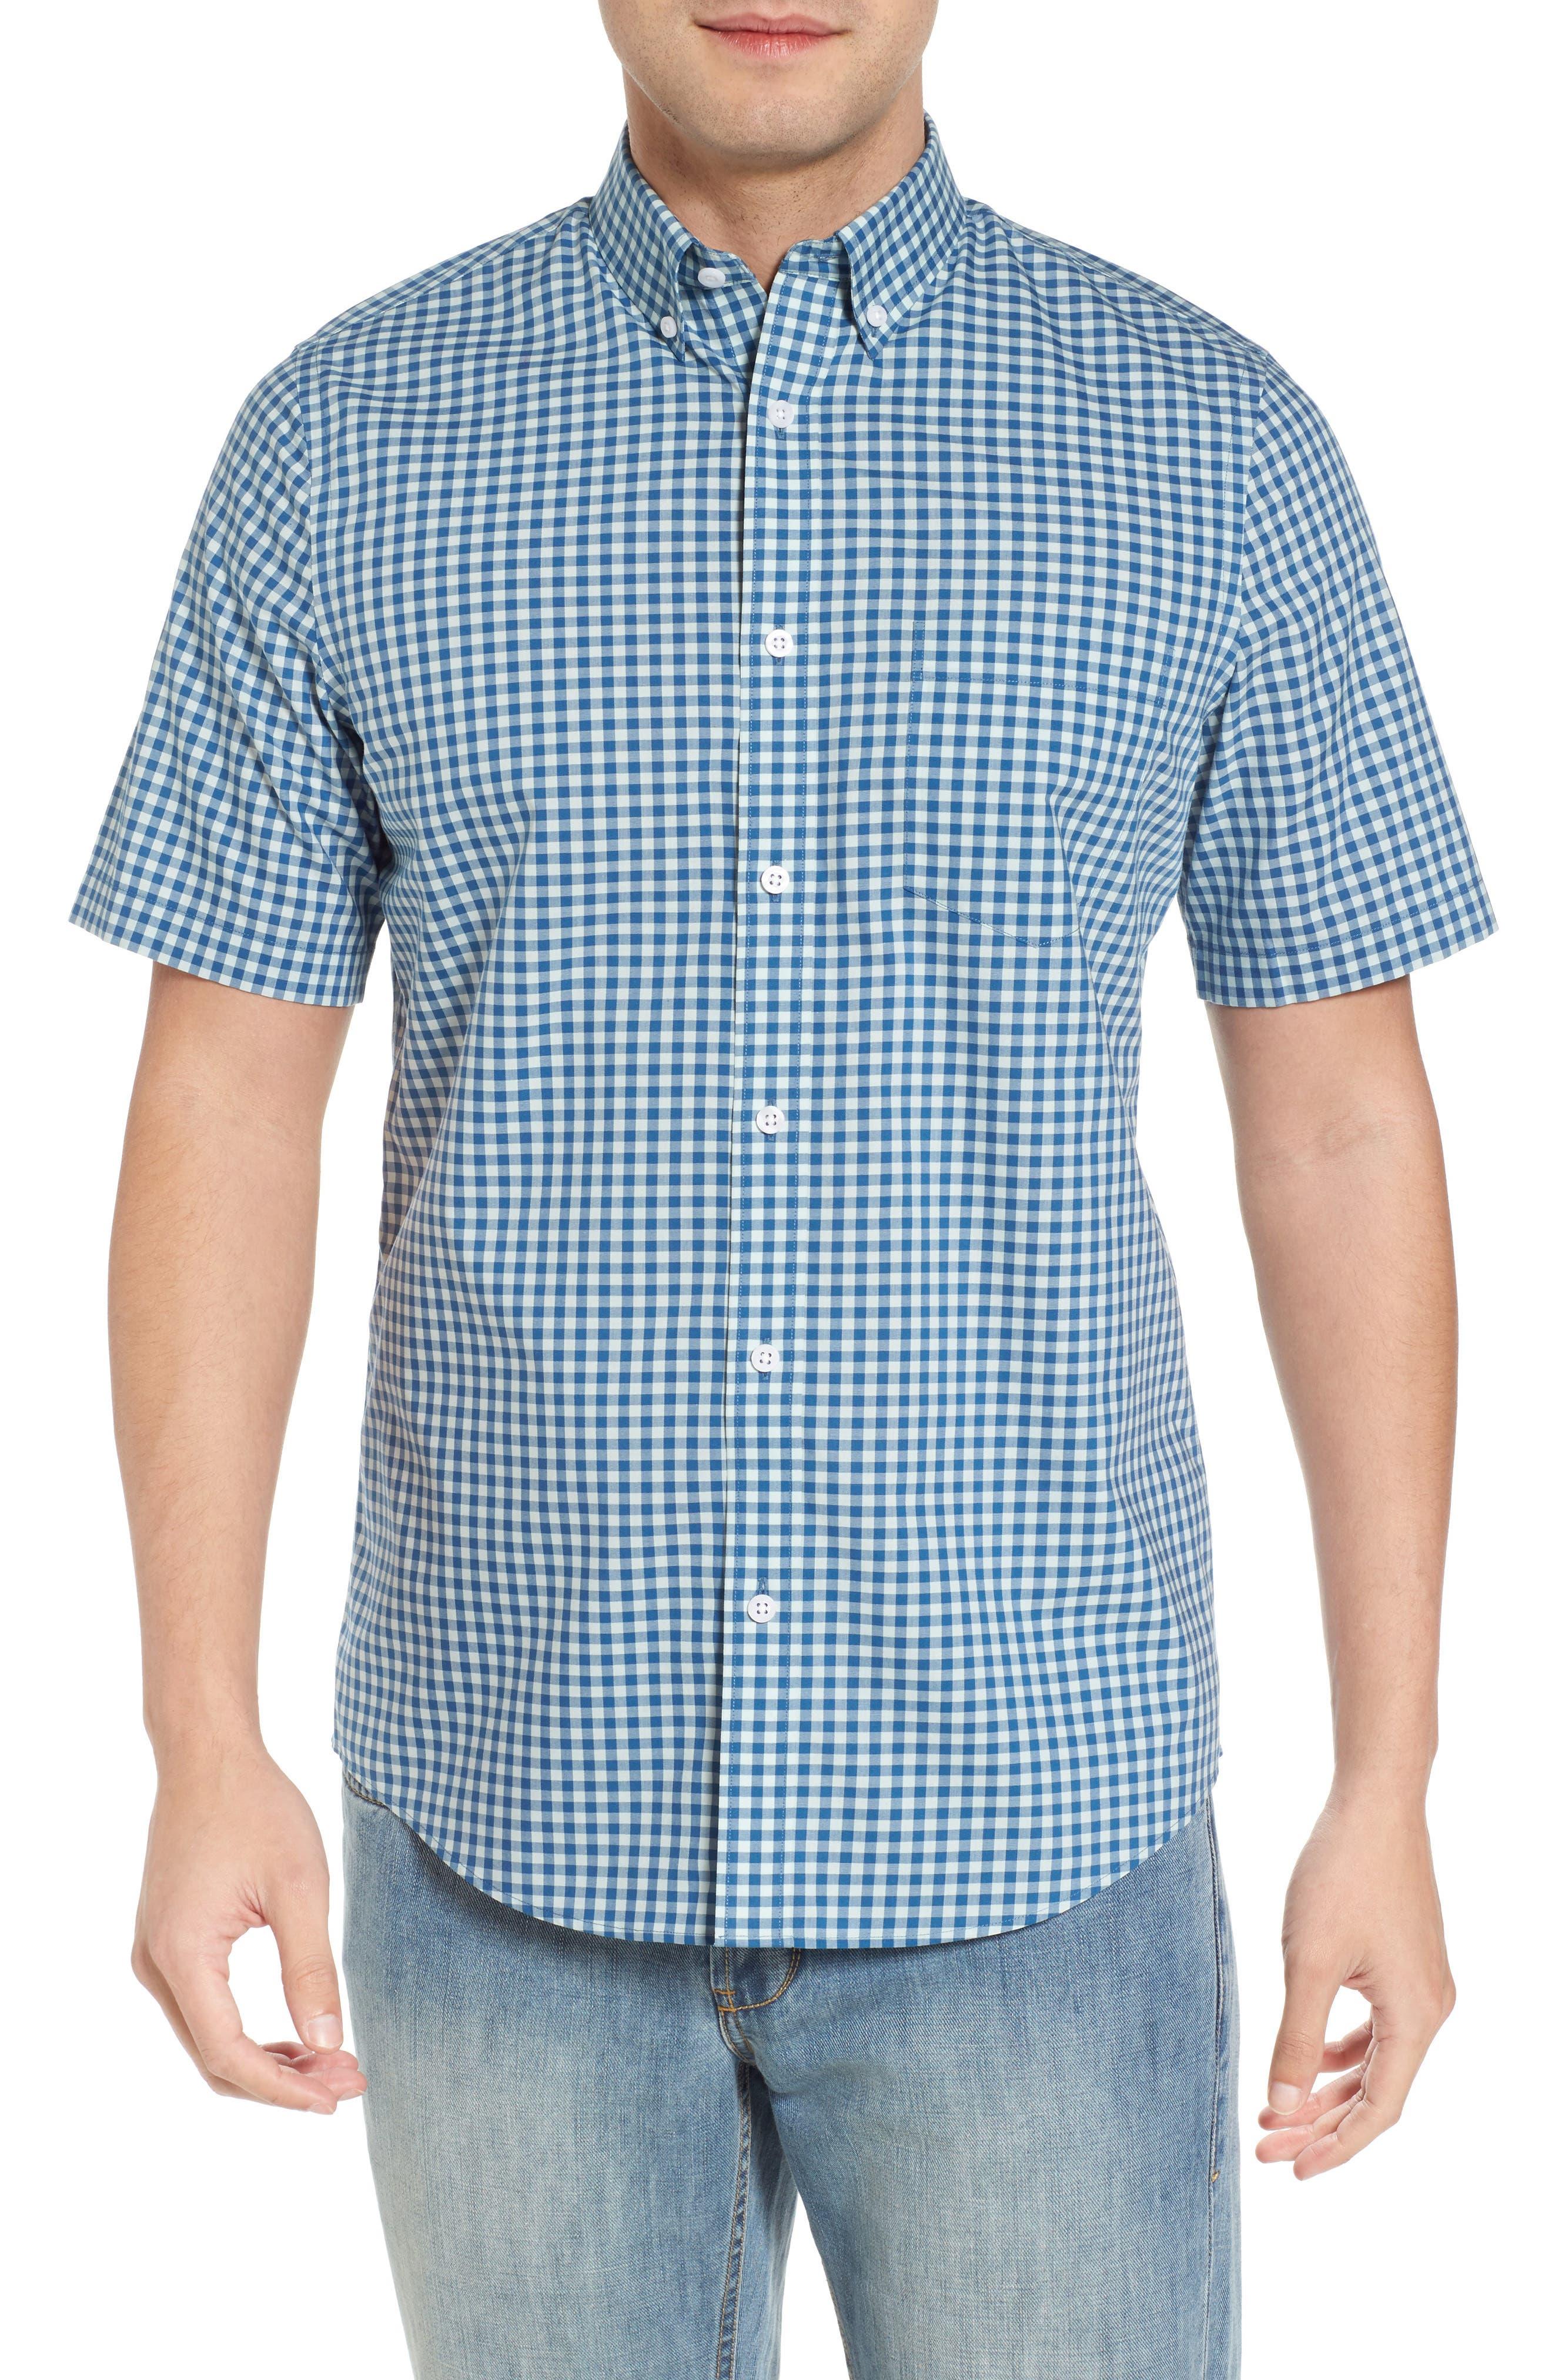 Regular Fit Gingham Sport Shirt,                         Main,                         color, Teal Surf Blue Gingham